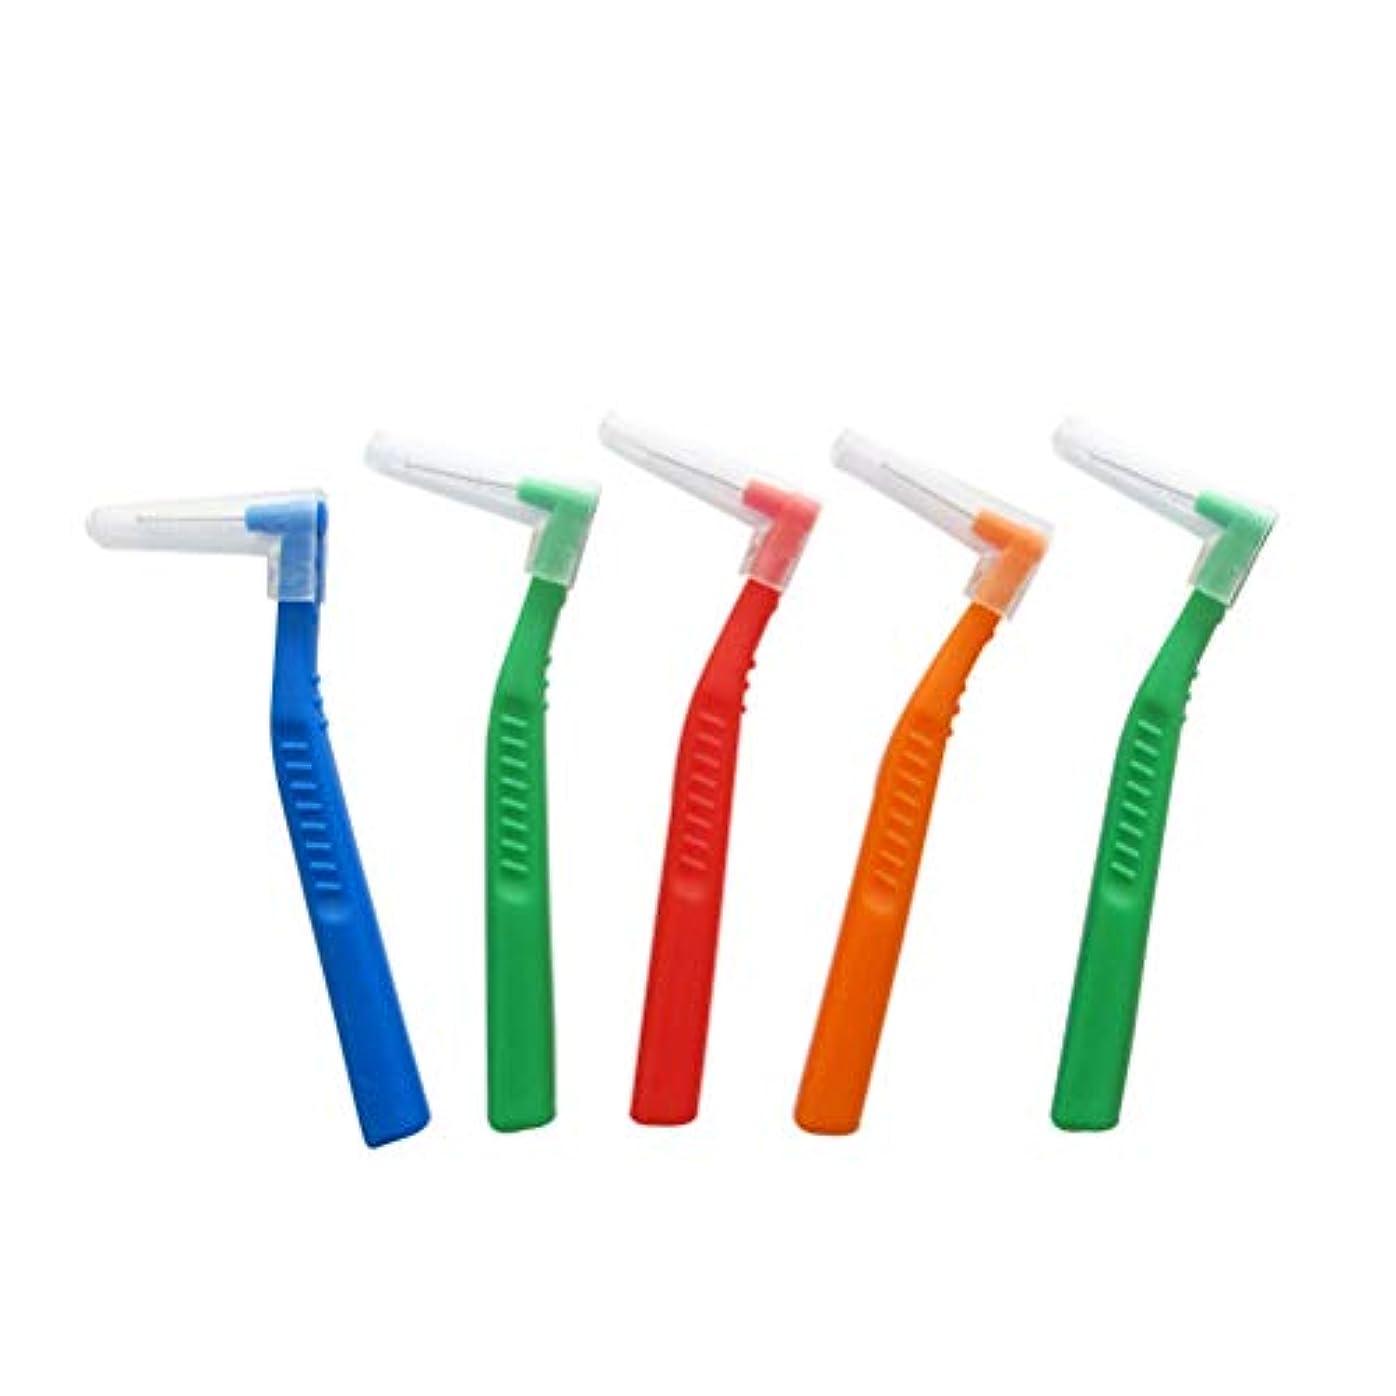 フィットネス申請中敬SUPVOX 歯間ブラシ クリーナー l字型 歯間清掃 歯科 口腔ケアツール 5本入(ランダムカラー)